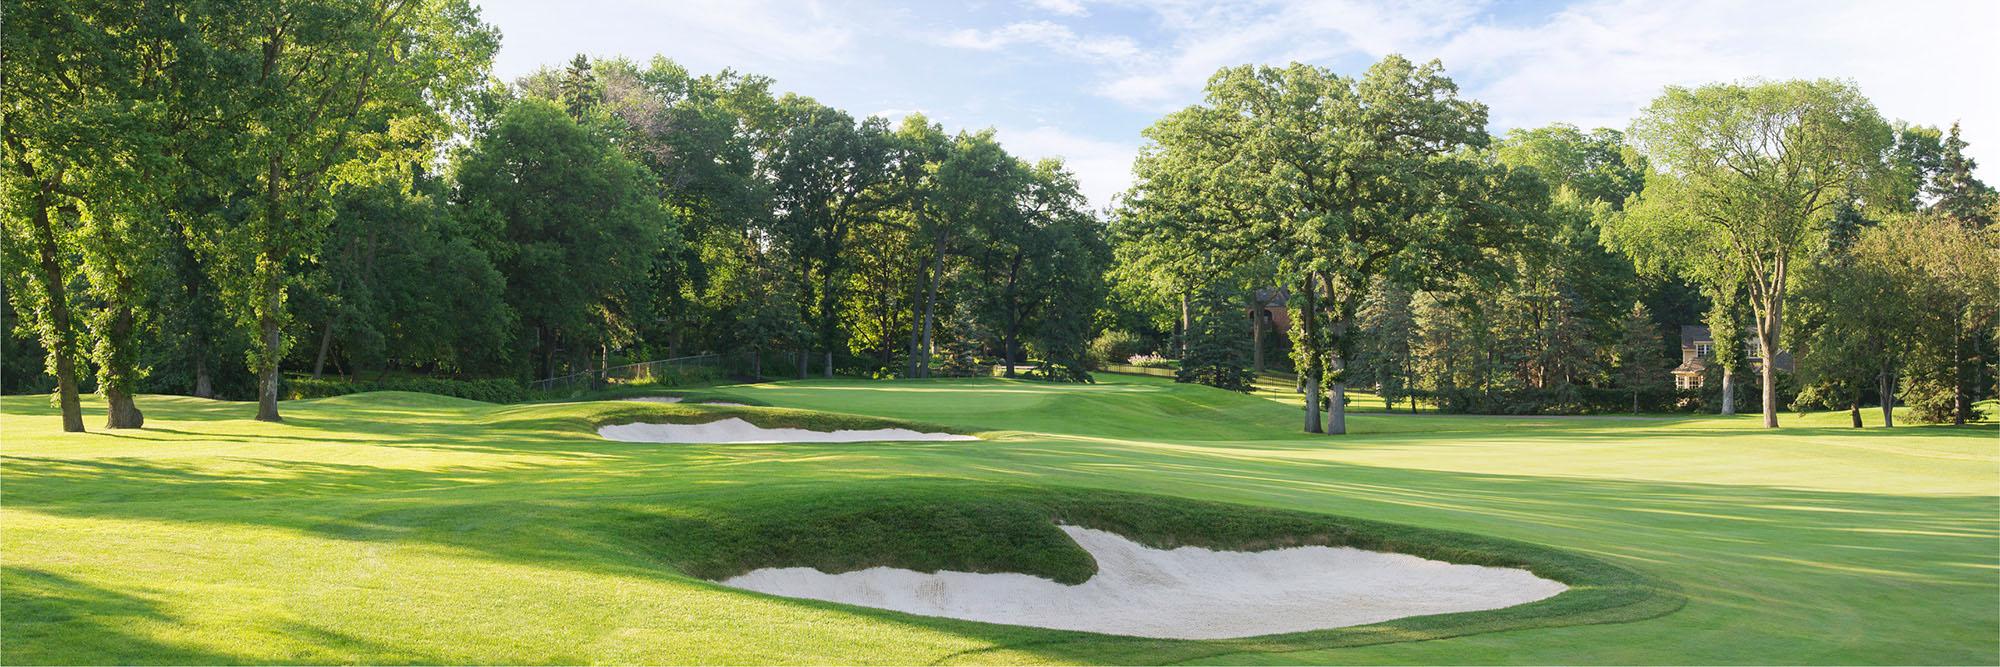 Golf Course Image - Interlachen No. 1